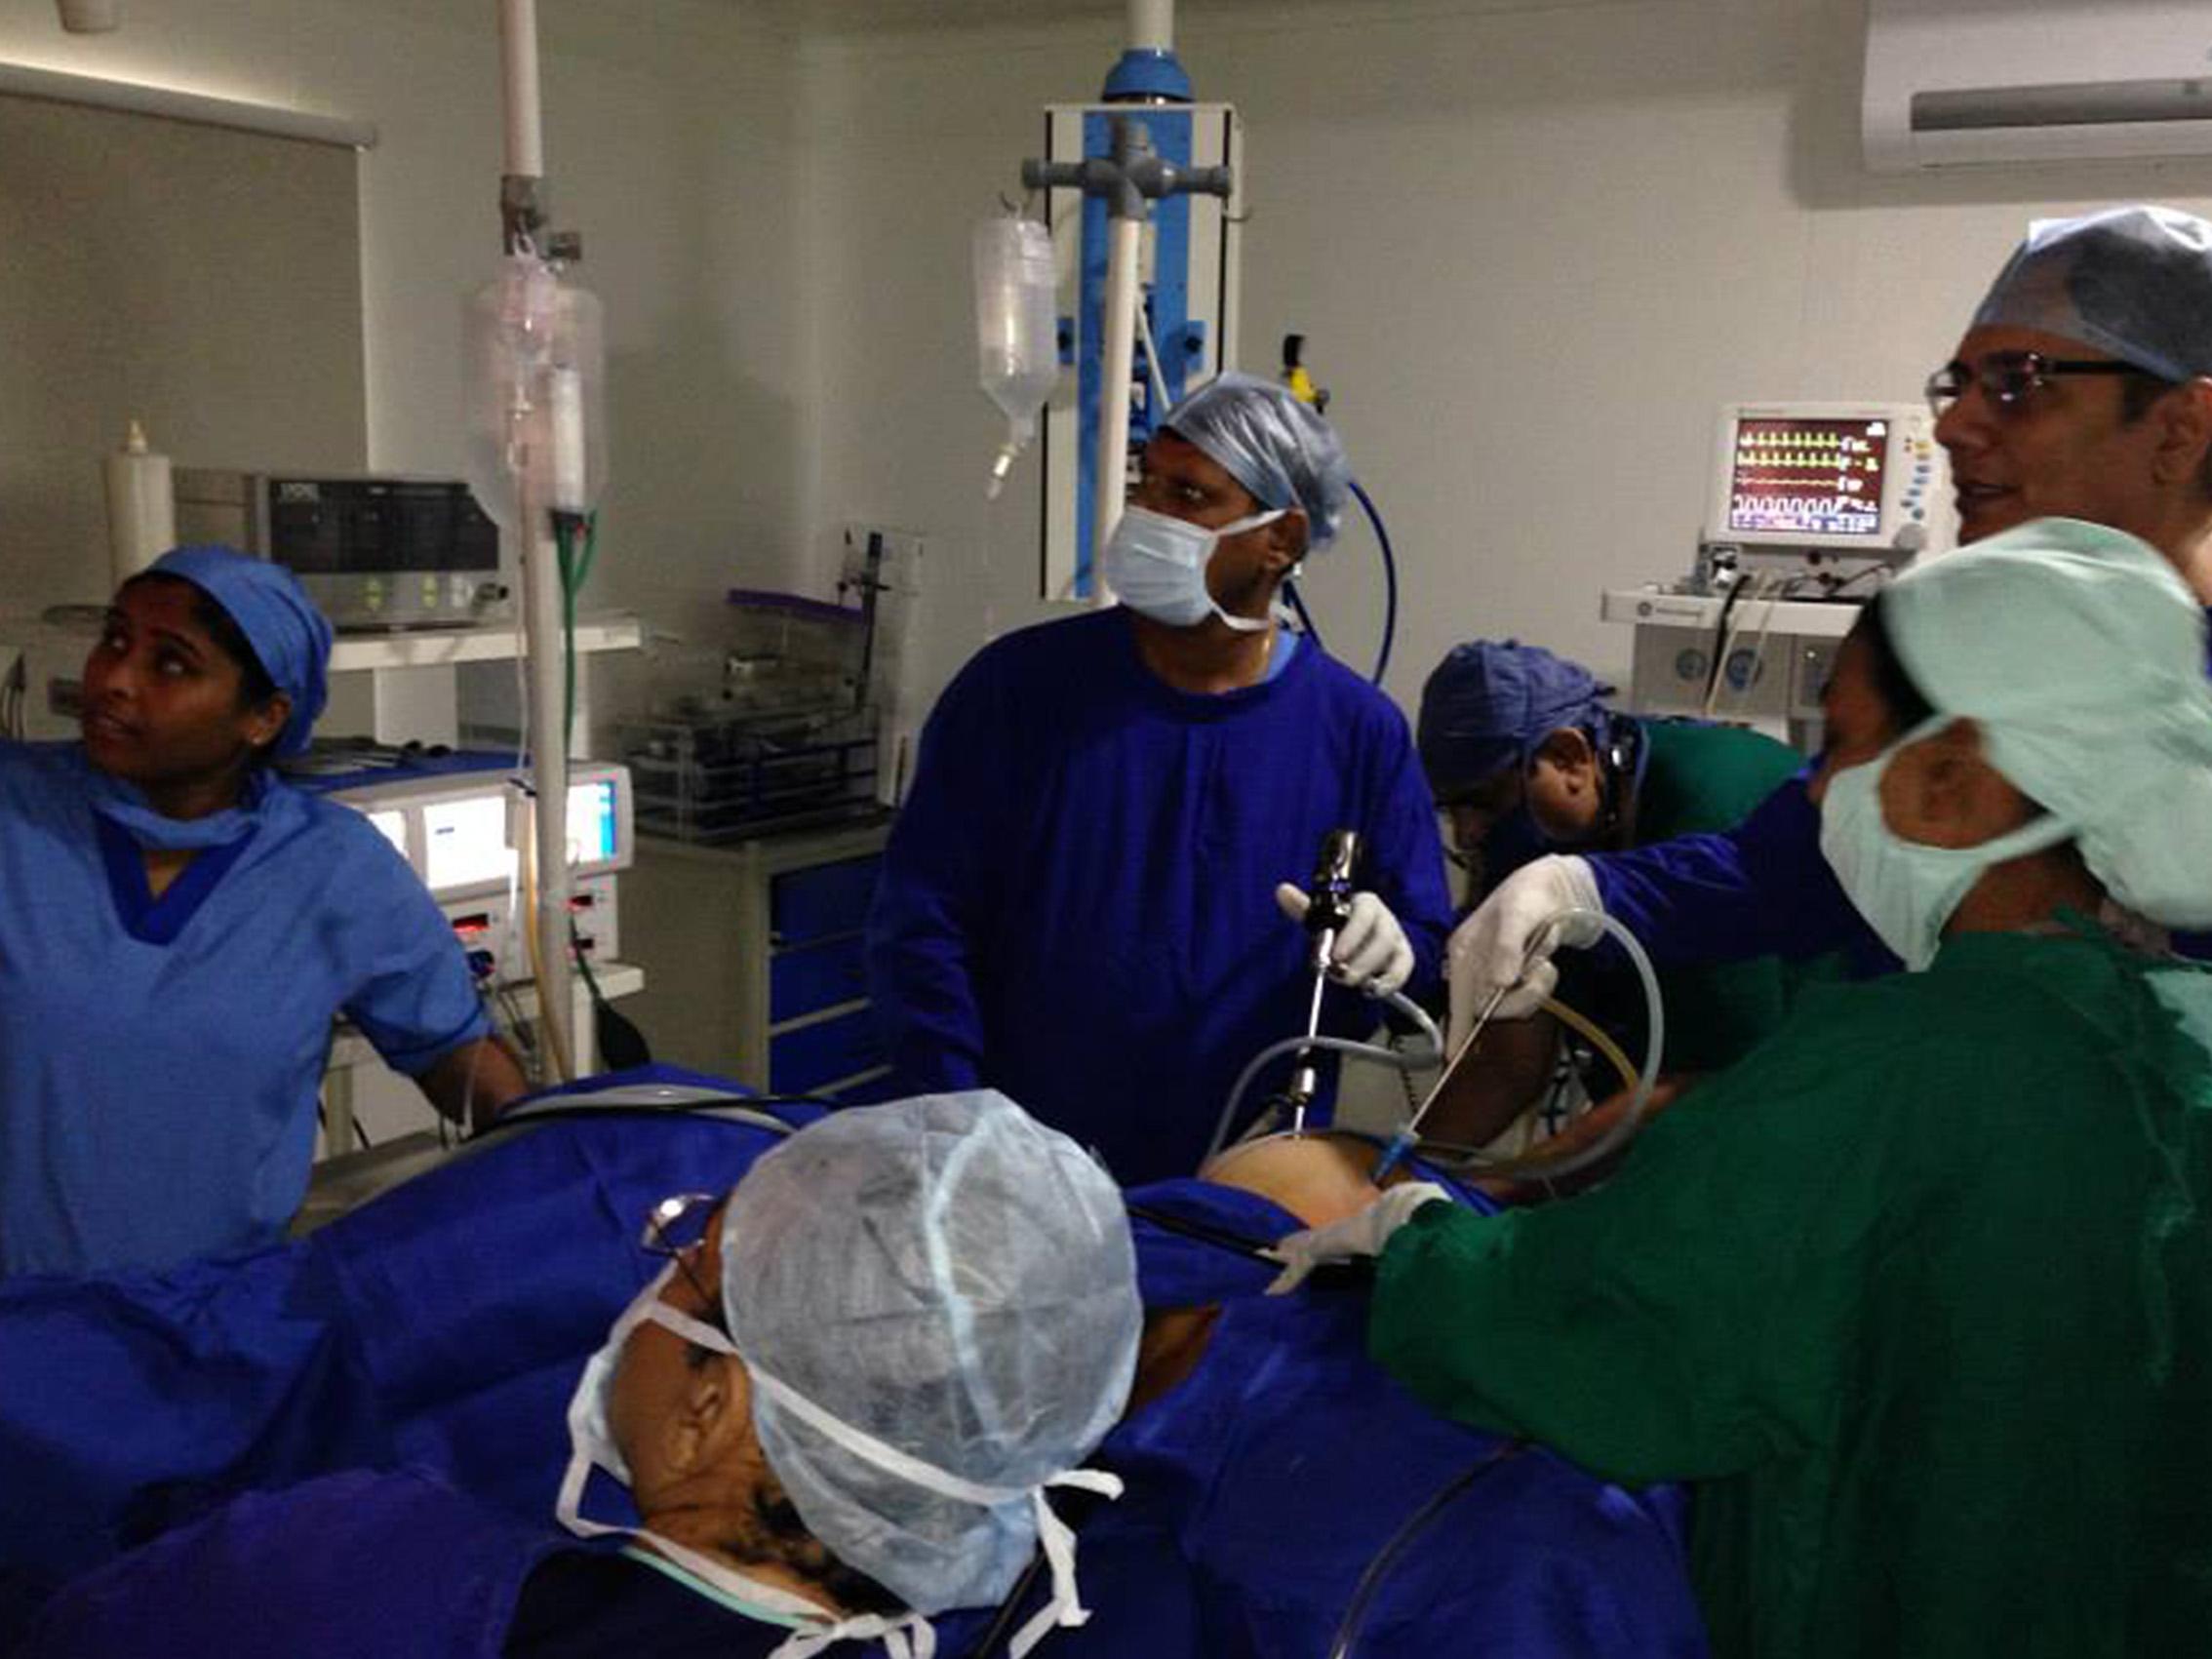 e3466 Medical Live Boradcasting 4 - Medical Live Workshop, Live Brocasting